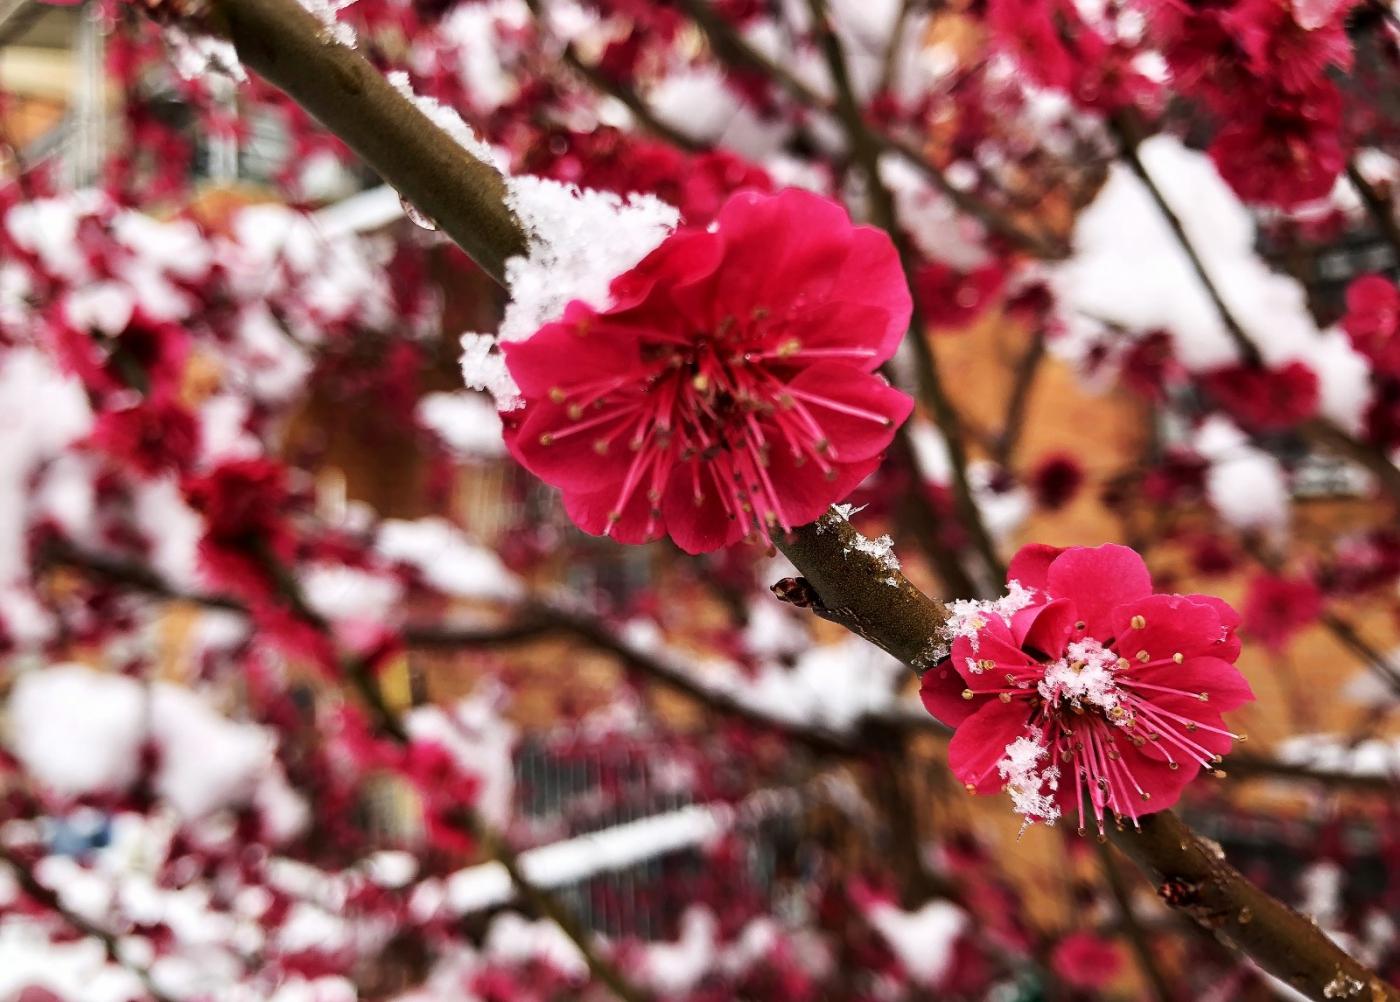 【田螺手机摄影】今早下雪去拍梅花_图1-14